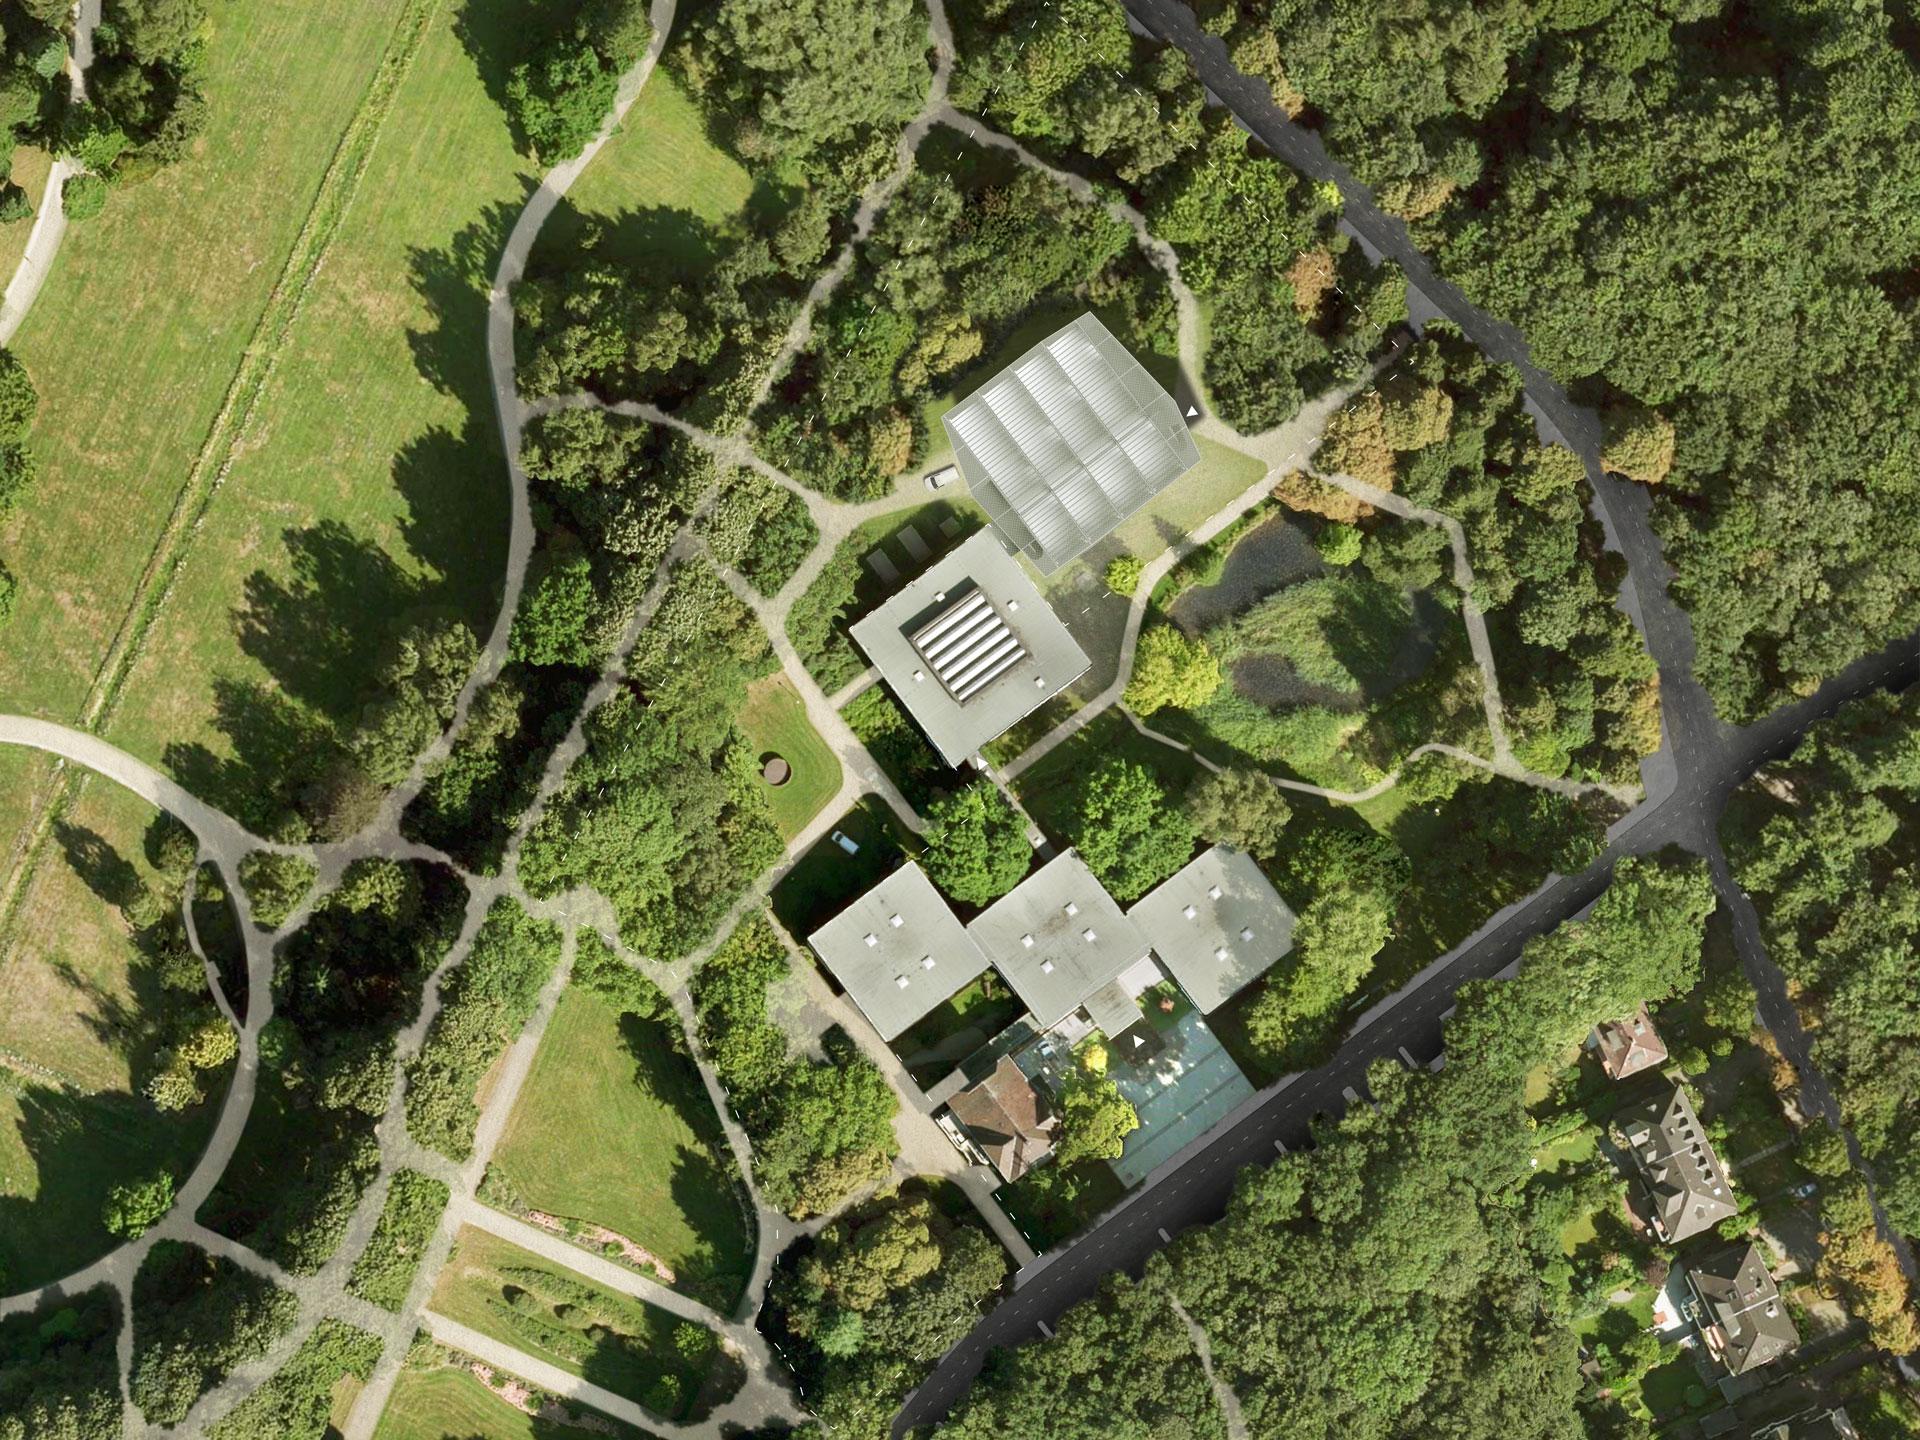 Das Luftbild zeigt die Weiterentwicklung der bestehenden Anlage